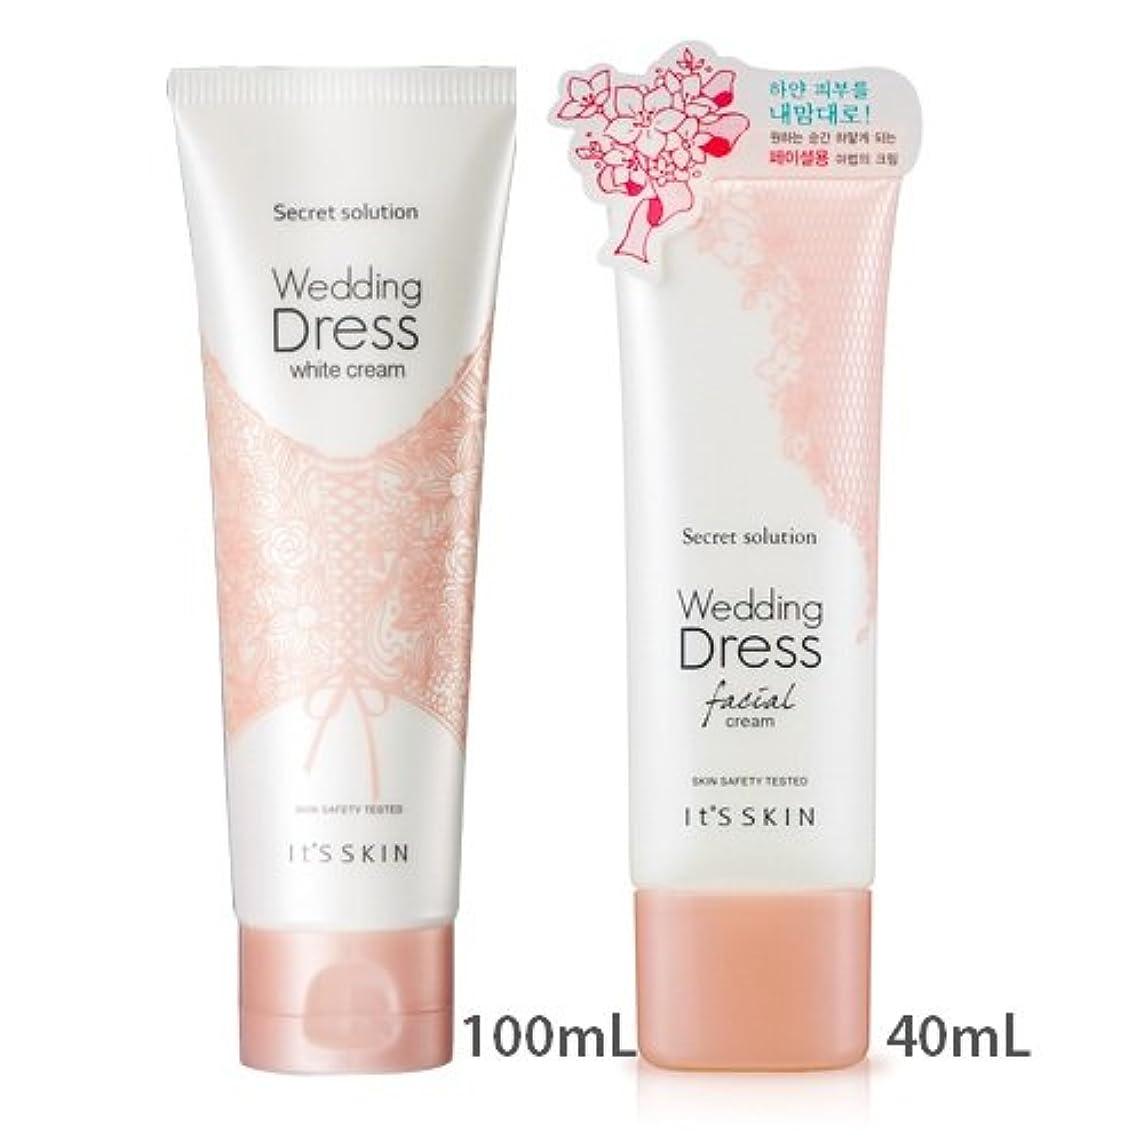 保護どれでも貫入[1+1] It's skin Secret Solution Wedding Dress Facial Cream 40mL + Secret Solution Wedding Dress Cream 100mL イッツスキン...